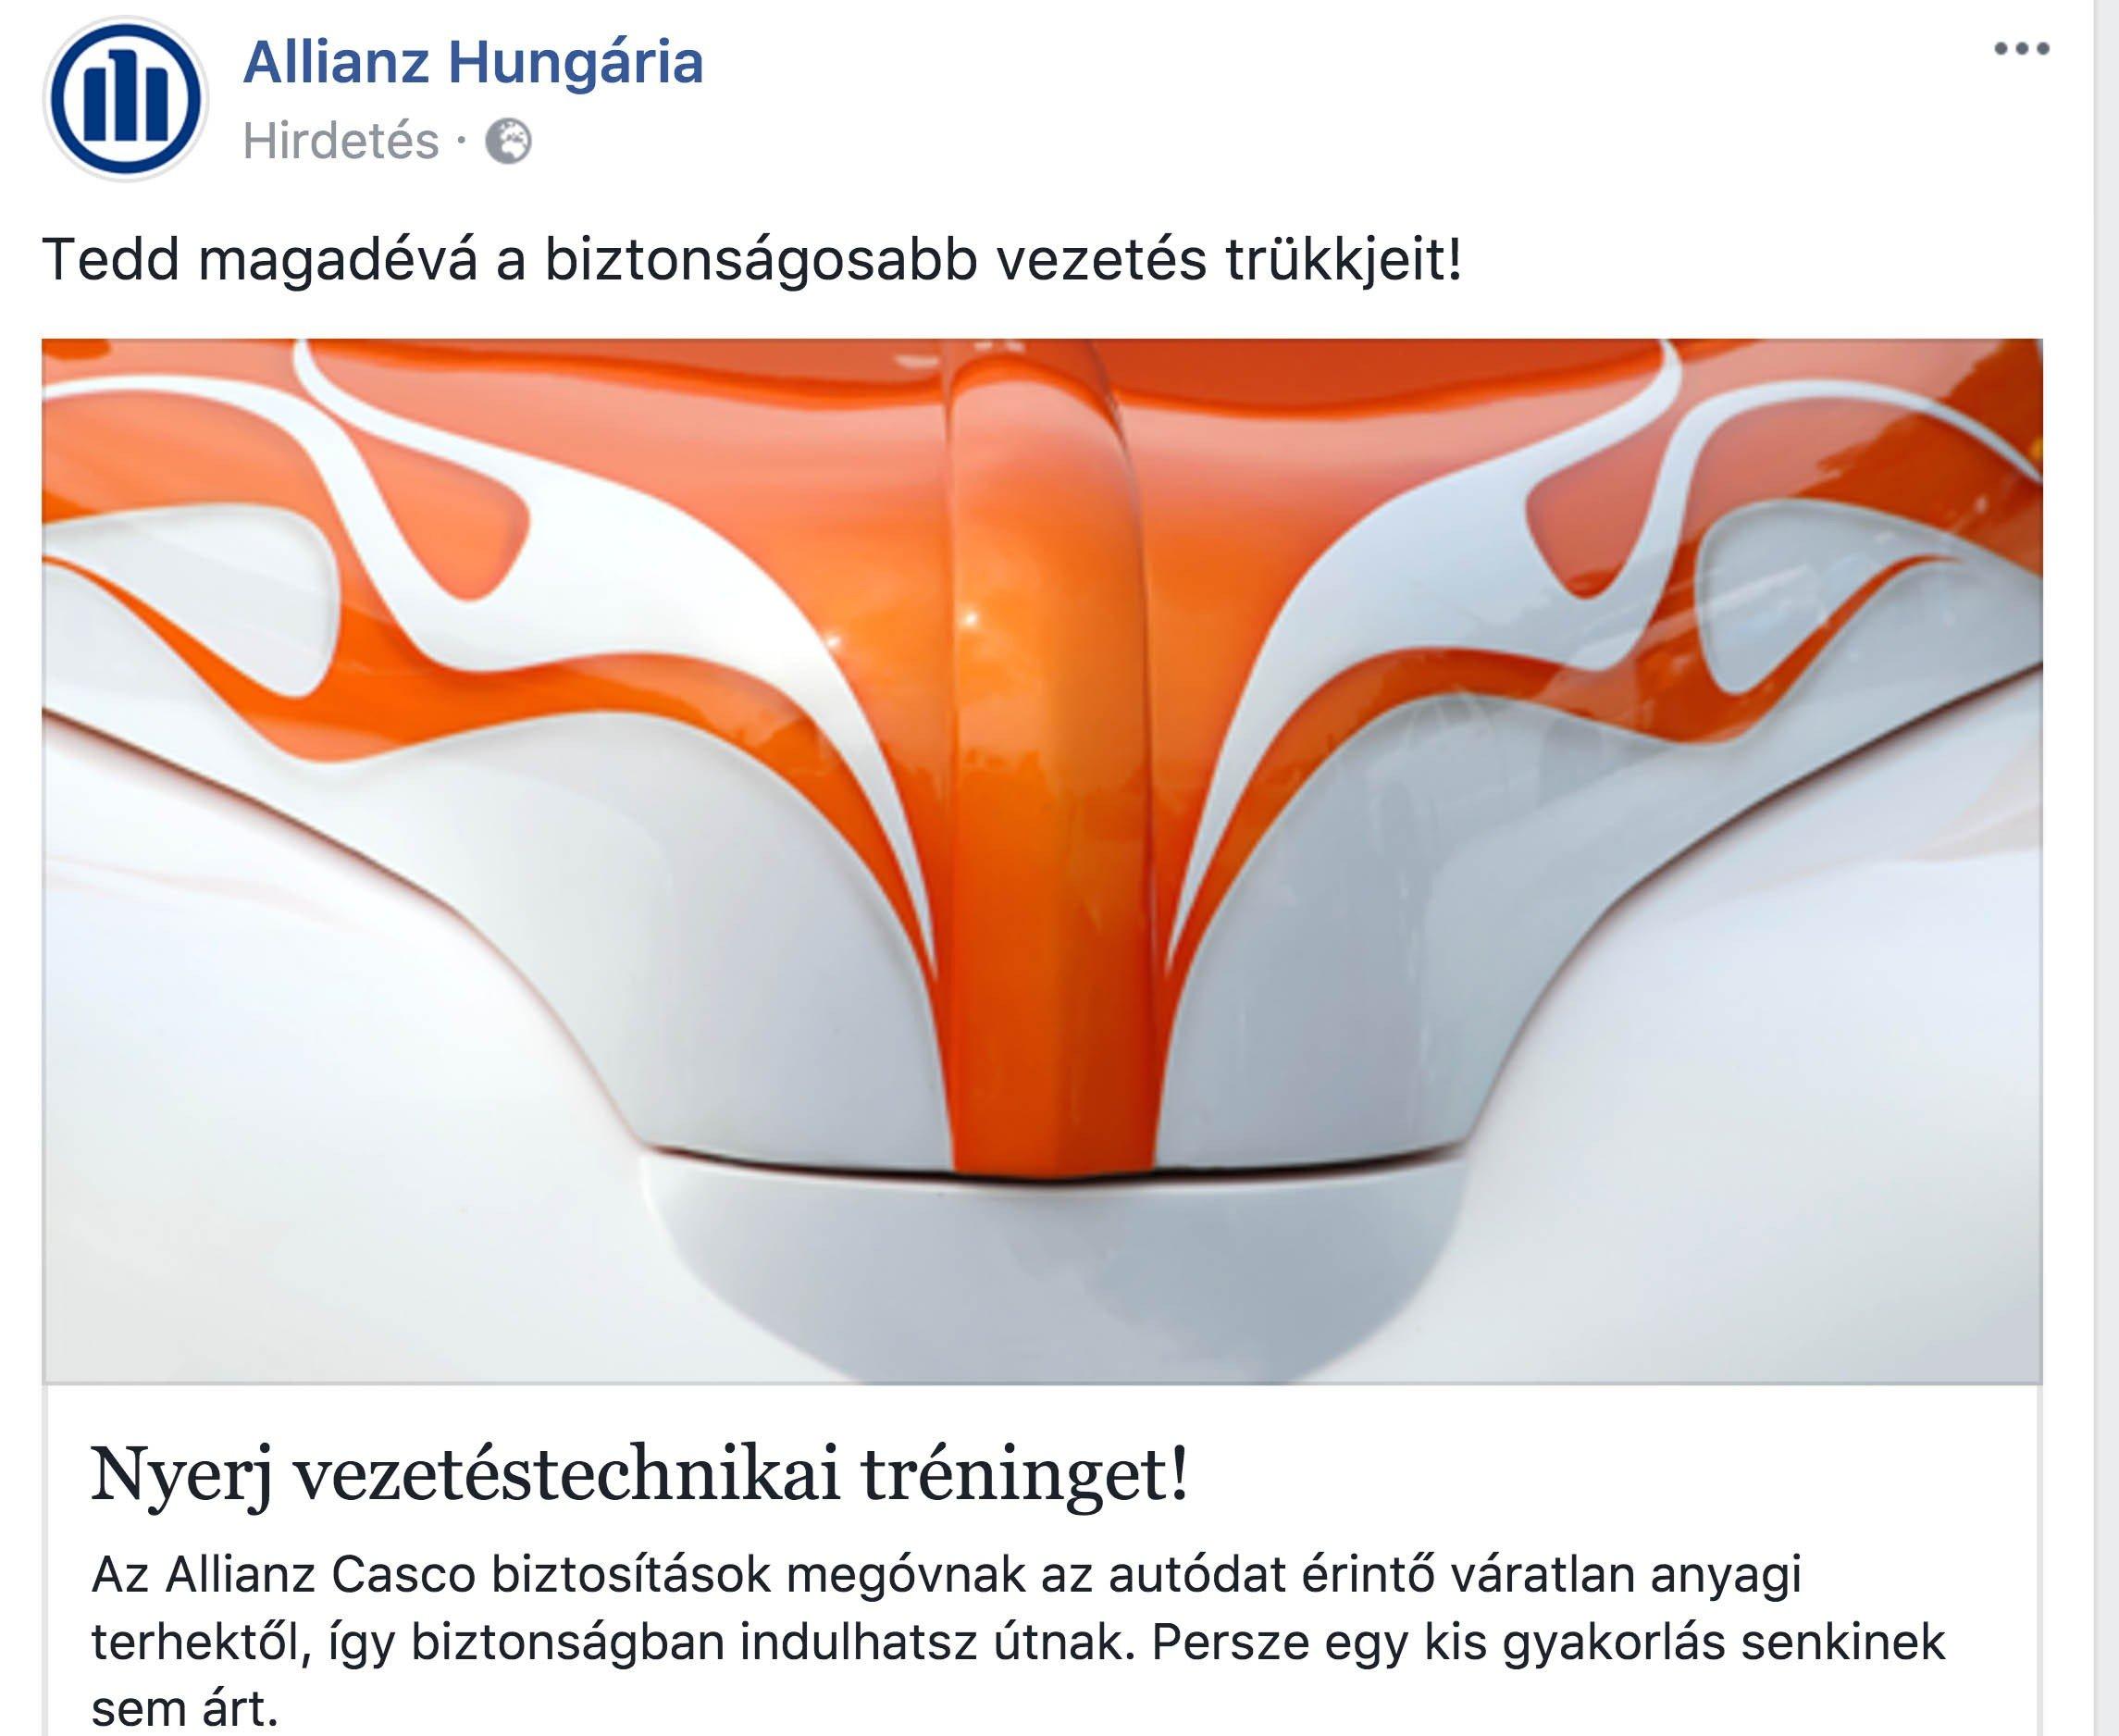 Az Allianz nem tréfál, ha szaxuális hirdetésről van szó